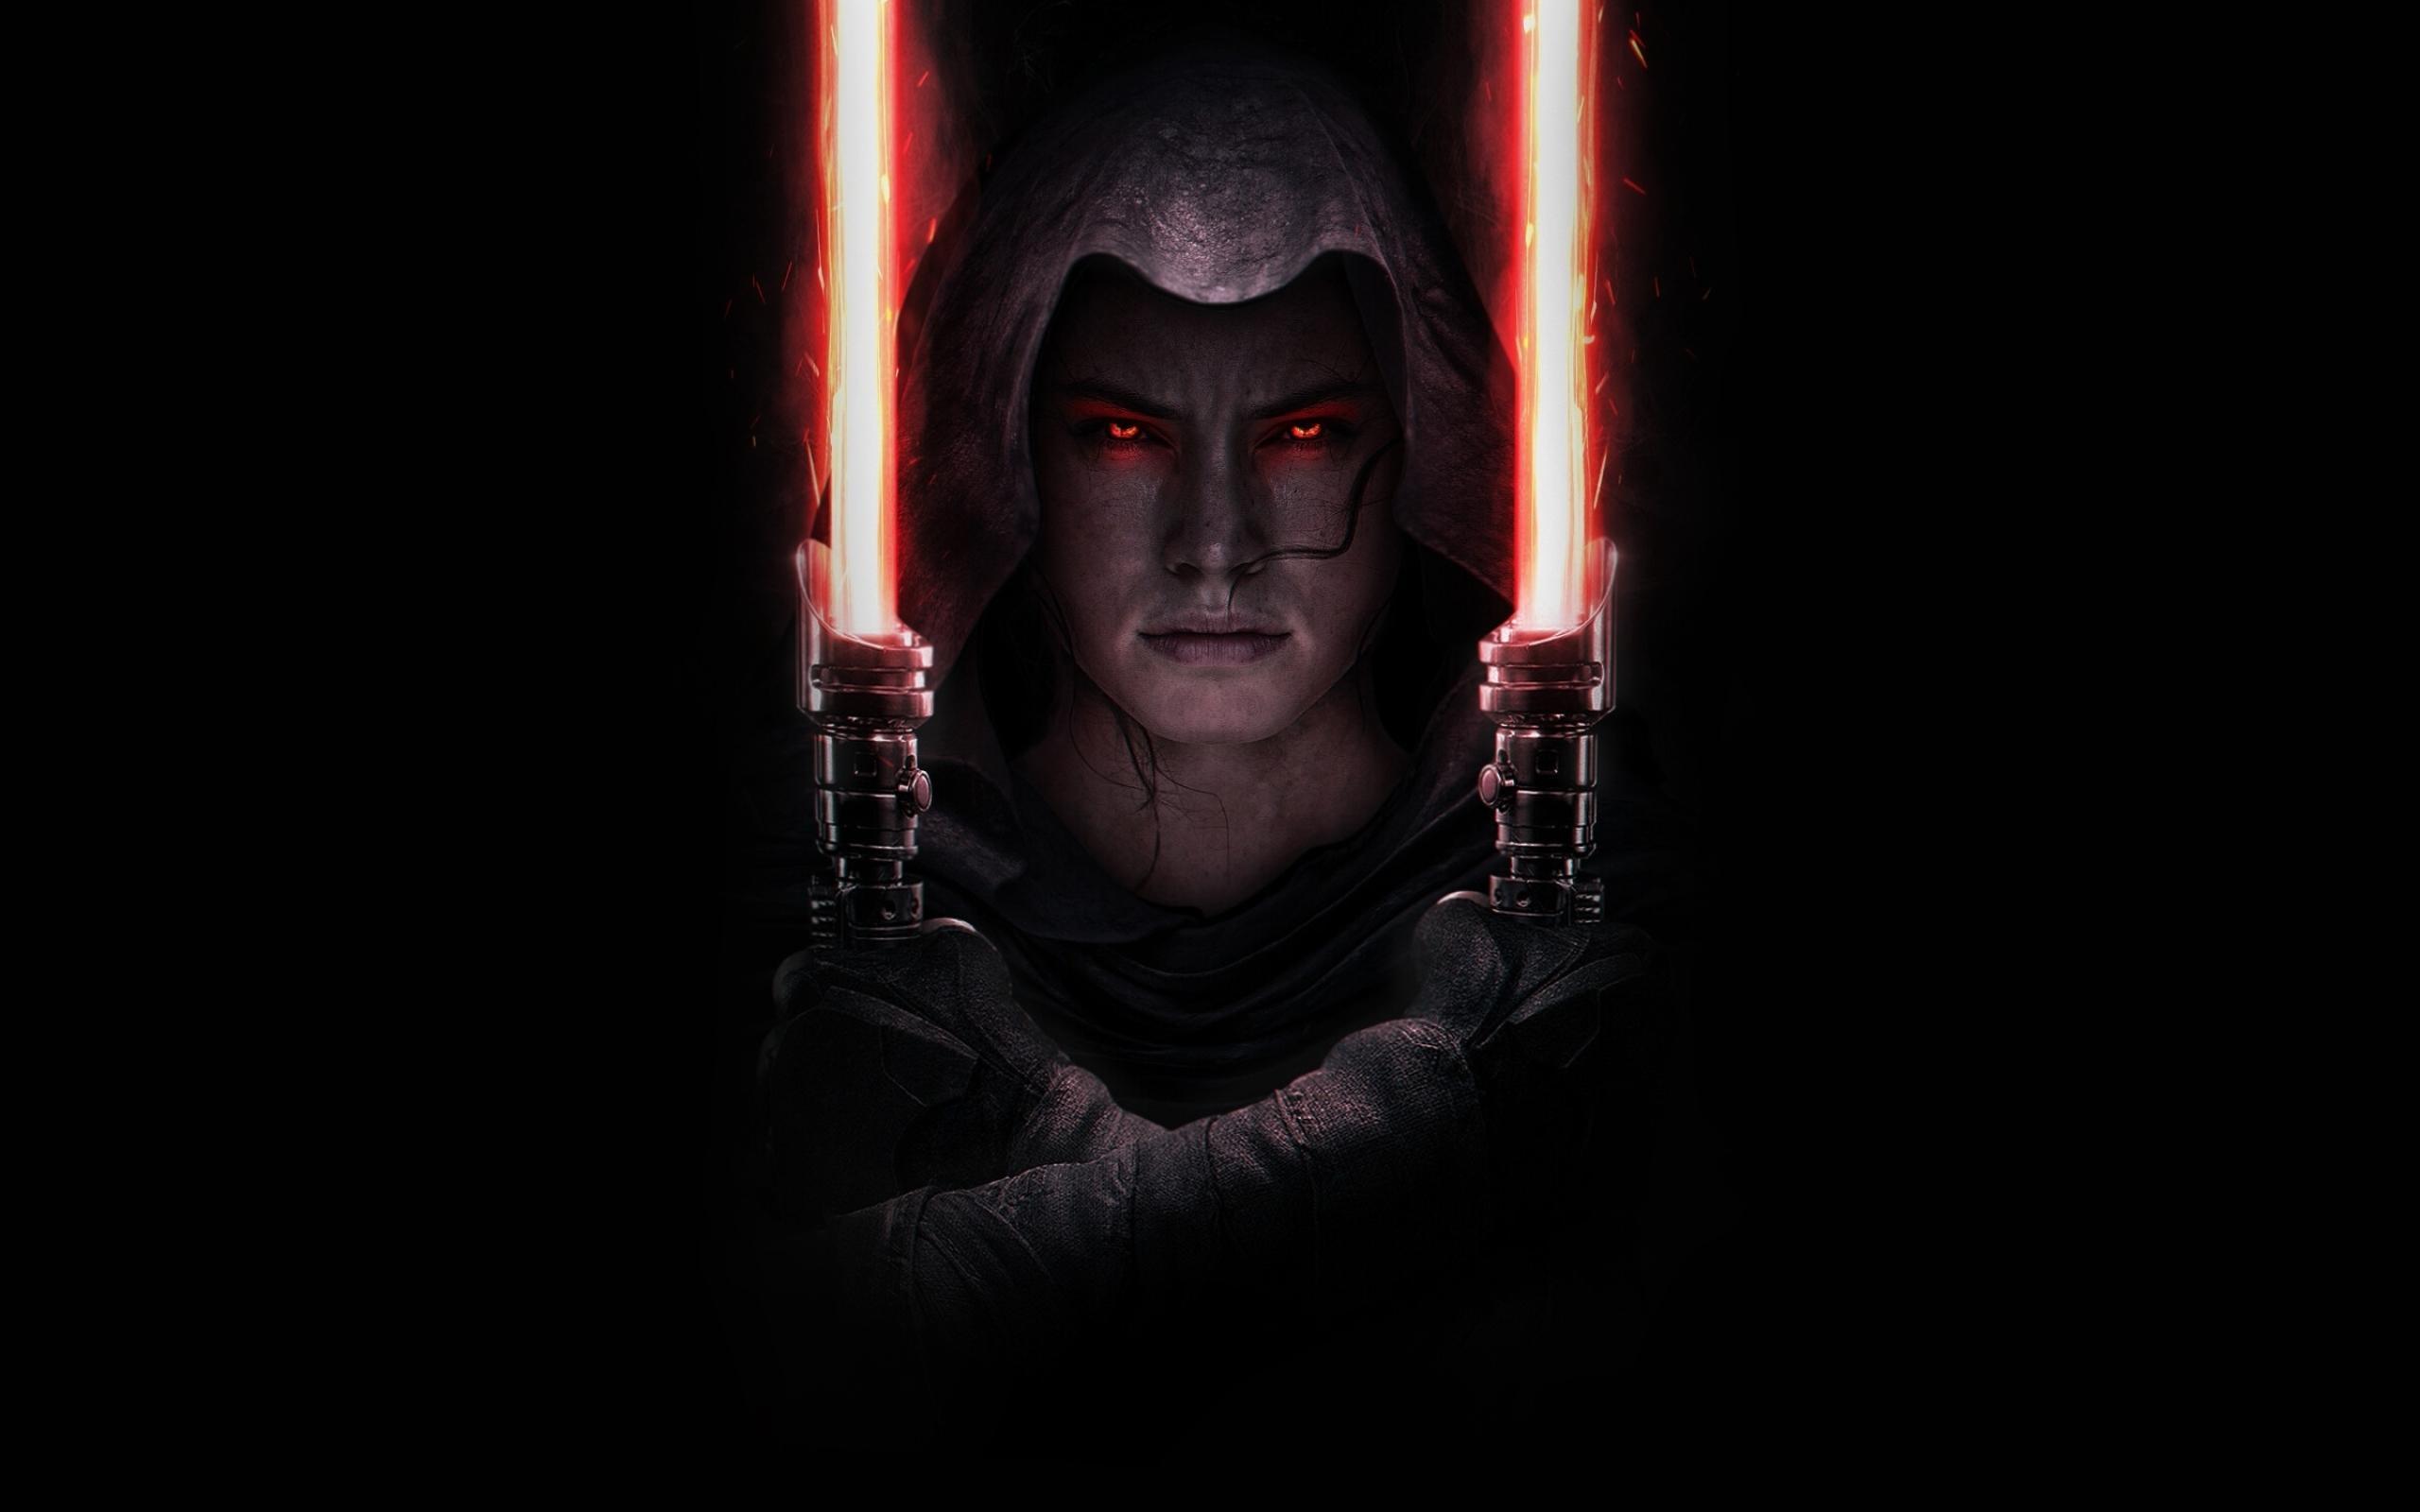 Dark Rey Wallpapers Top Free Dark Rey Backgrounds Wallpaperaccess